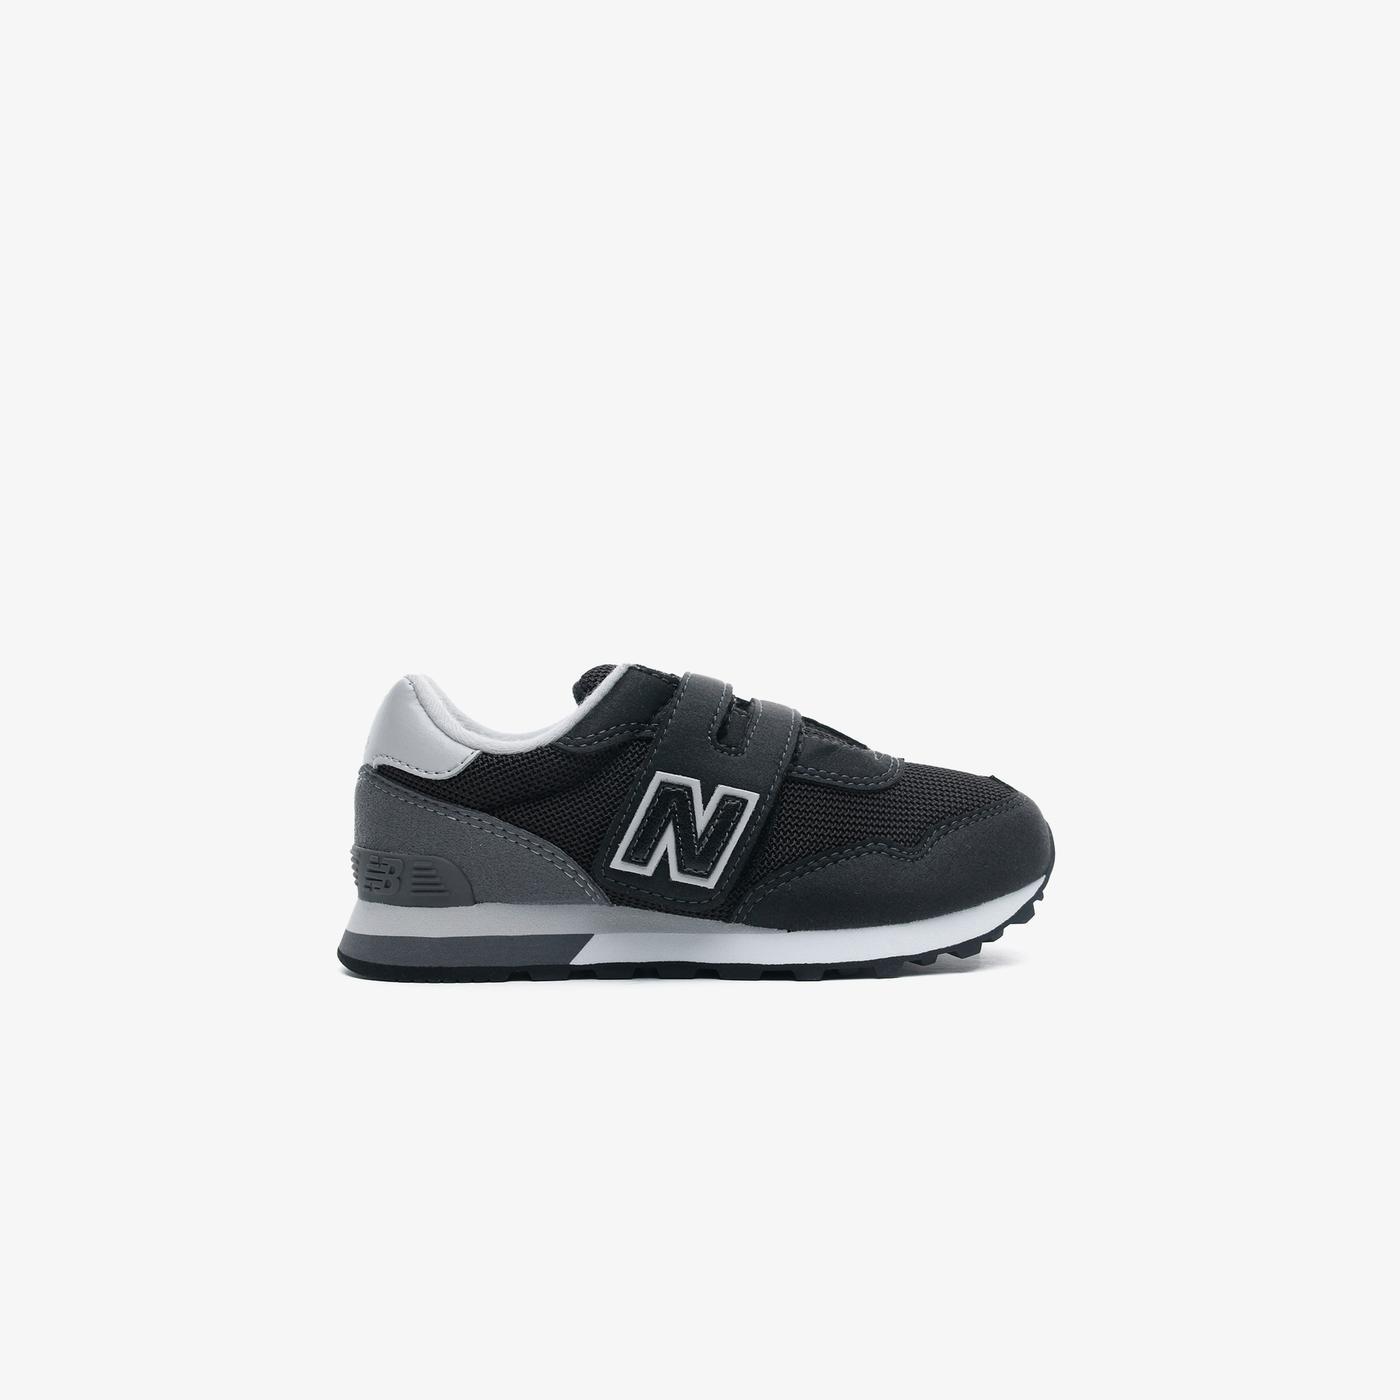 New Balance 515 Çocuk Gri Spor Ayakkabı